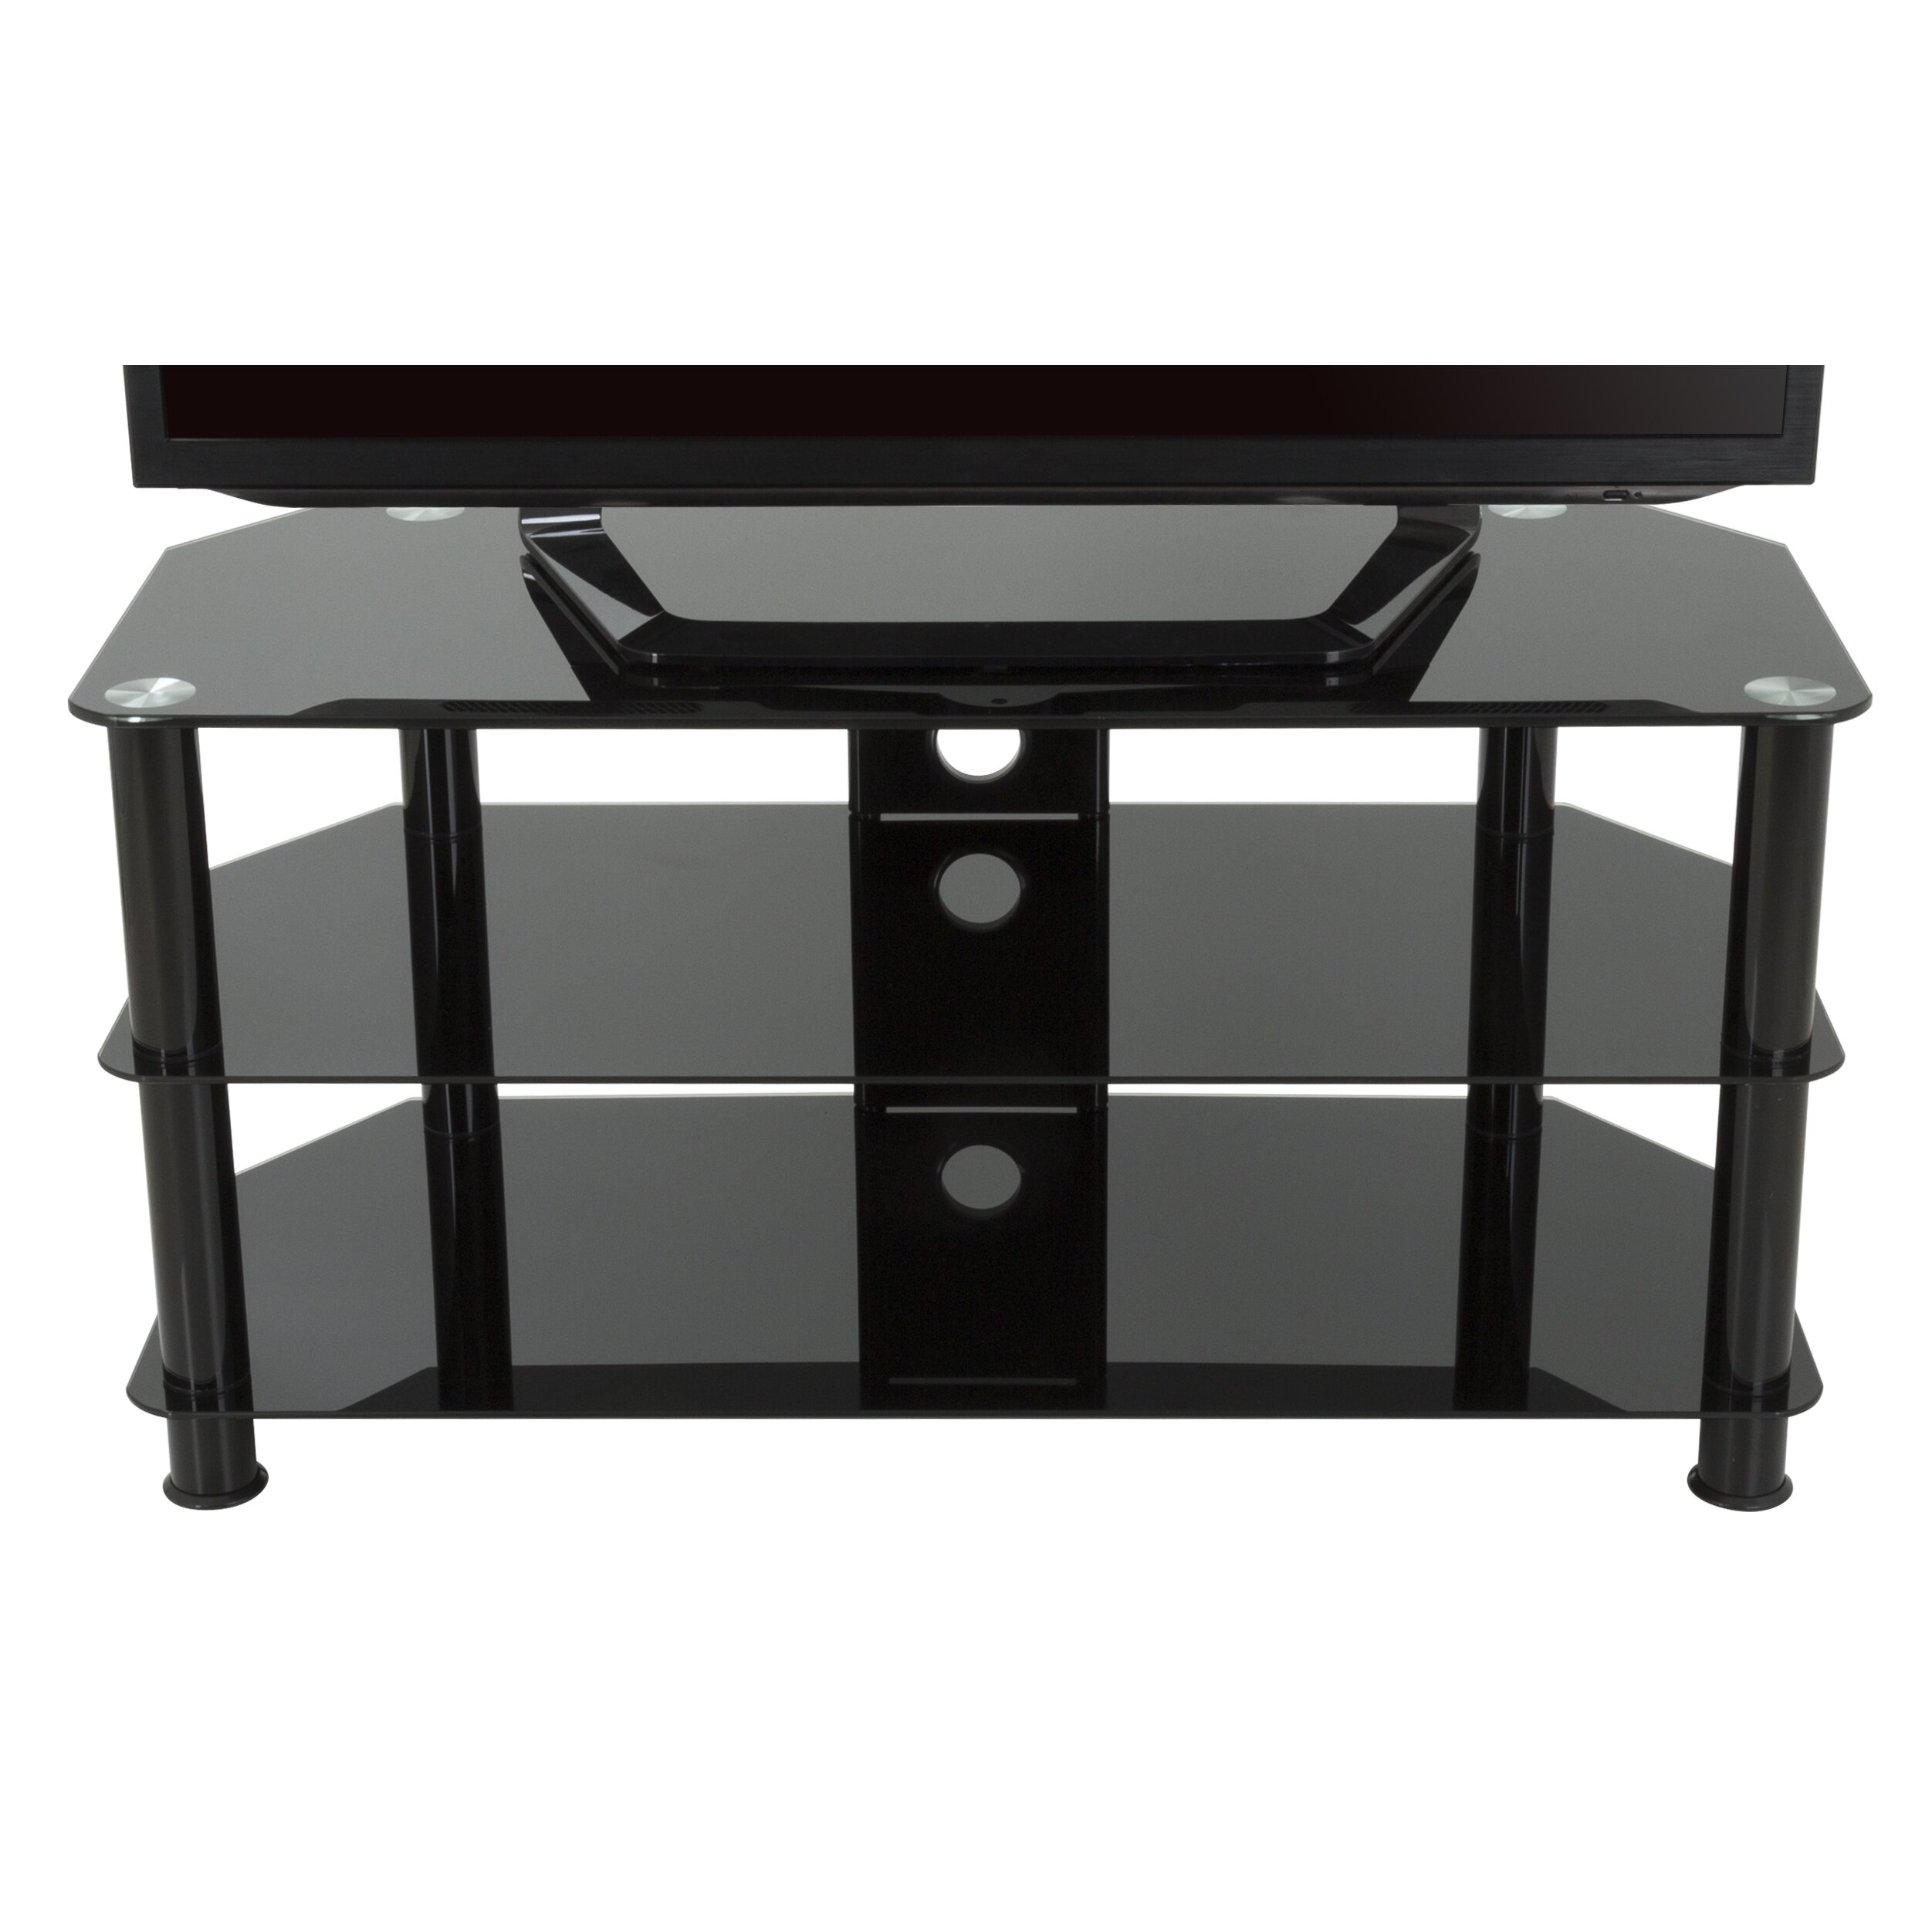 Avf tv stand for Avf furniture